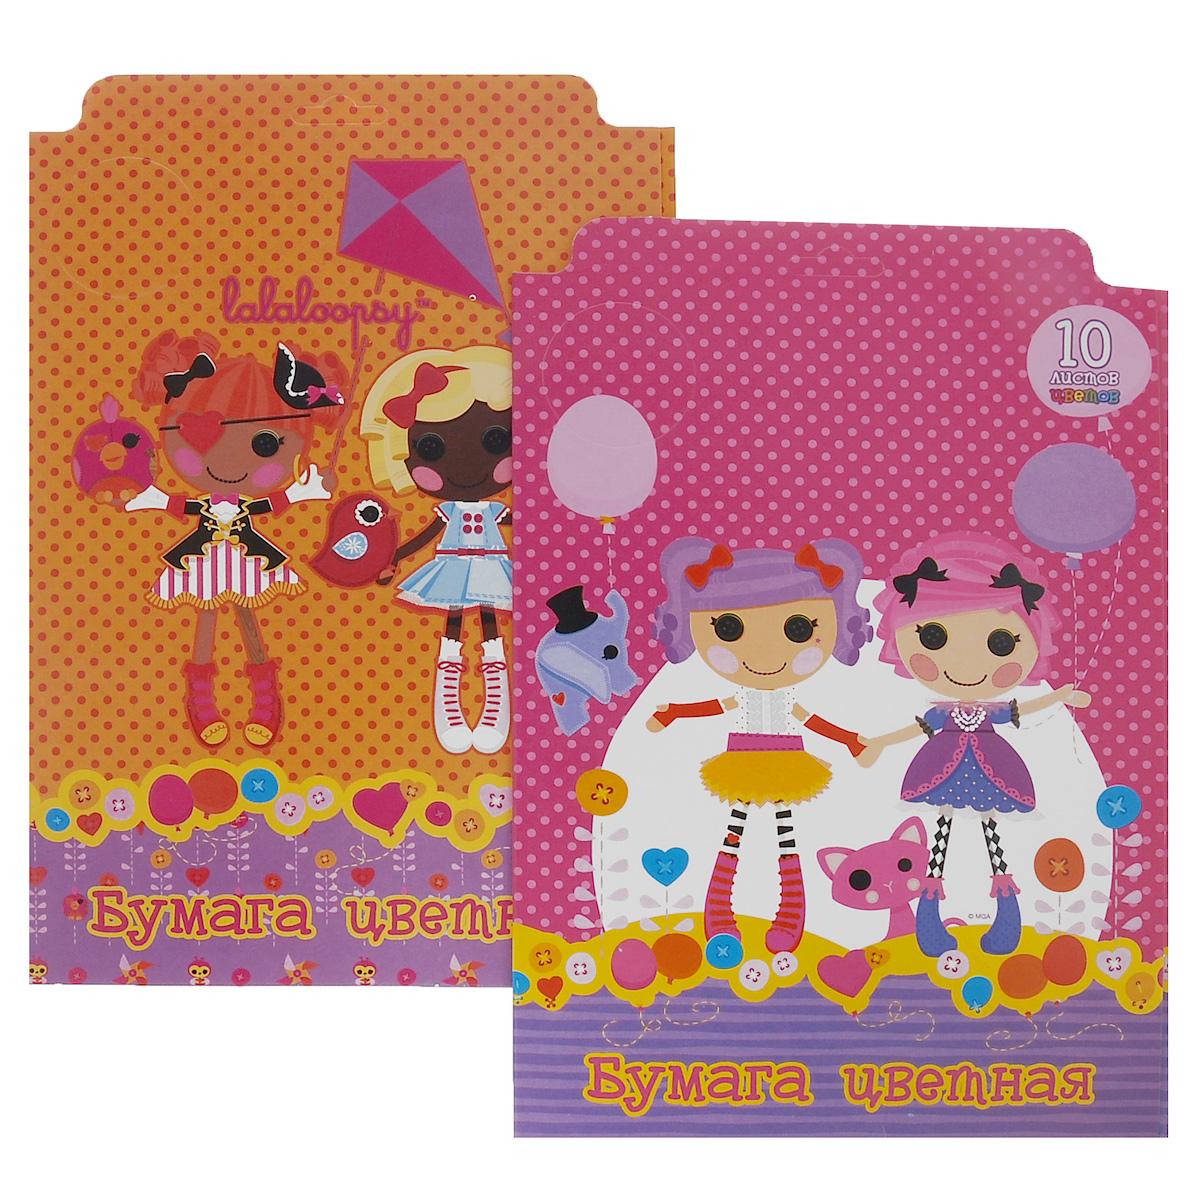 Набор цветной бумаги Lalaloopsy, 10 цветов, 2 шт action набор цветного картона lalaloopsy 8 листов цвет розовый 2 шт